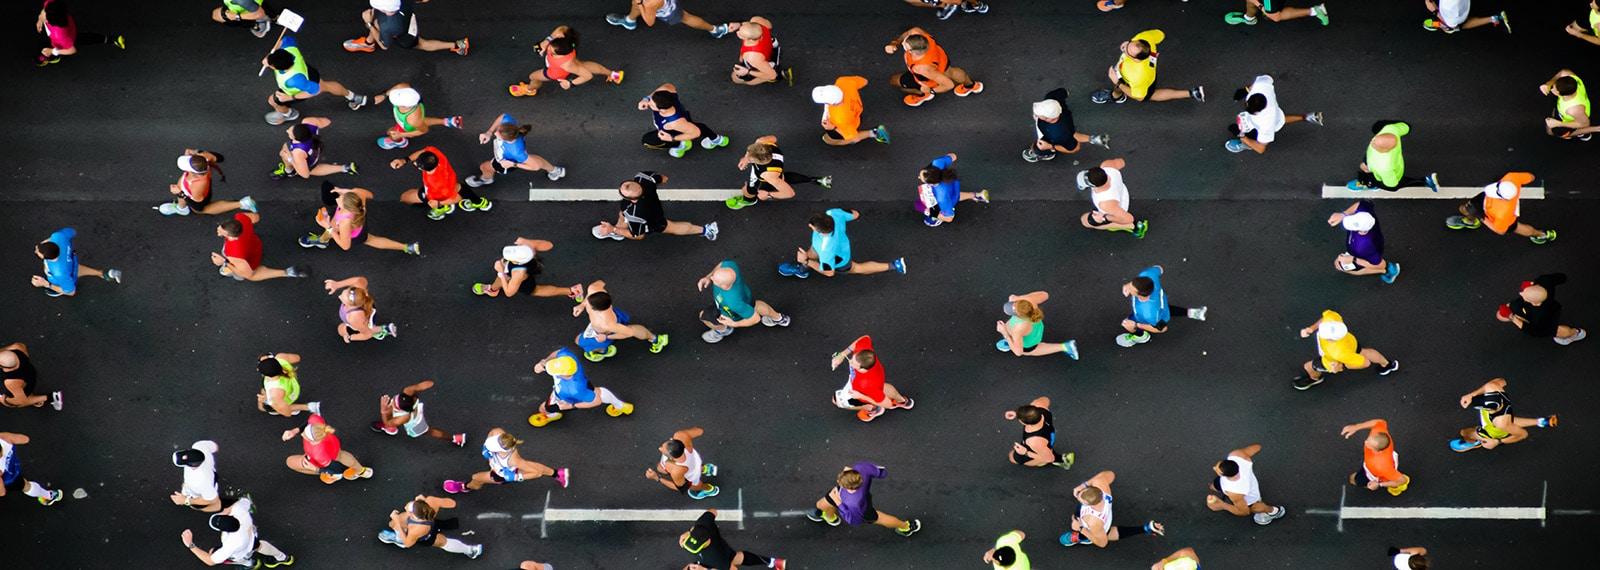 Marathon Läufer aus der Vogelperspektive